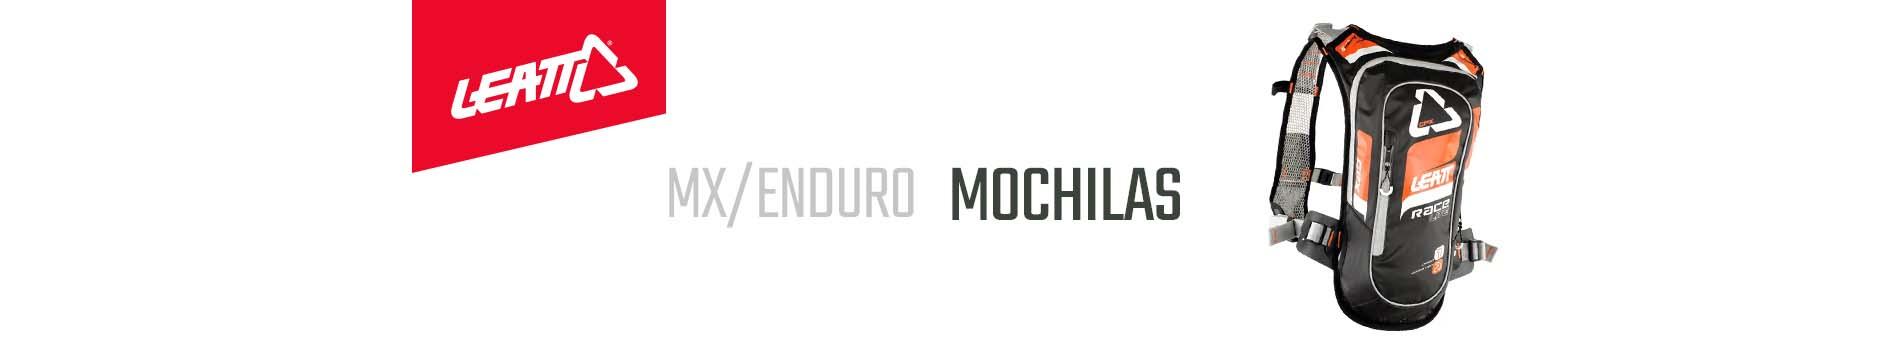 Mochilas/Maletas